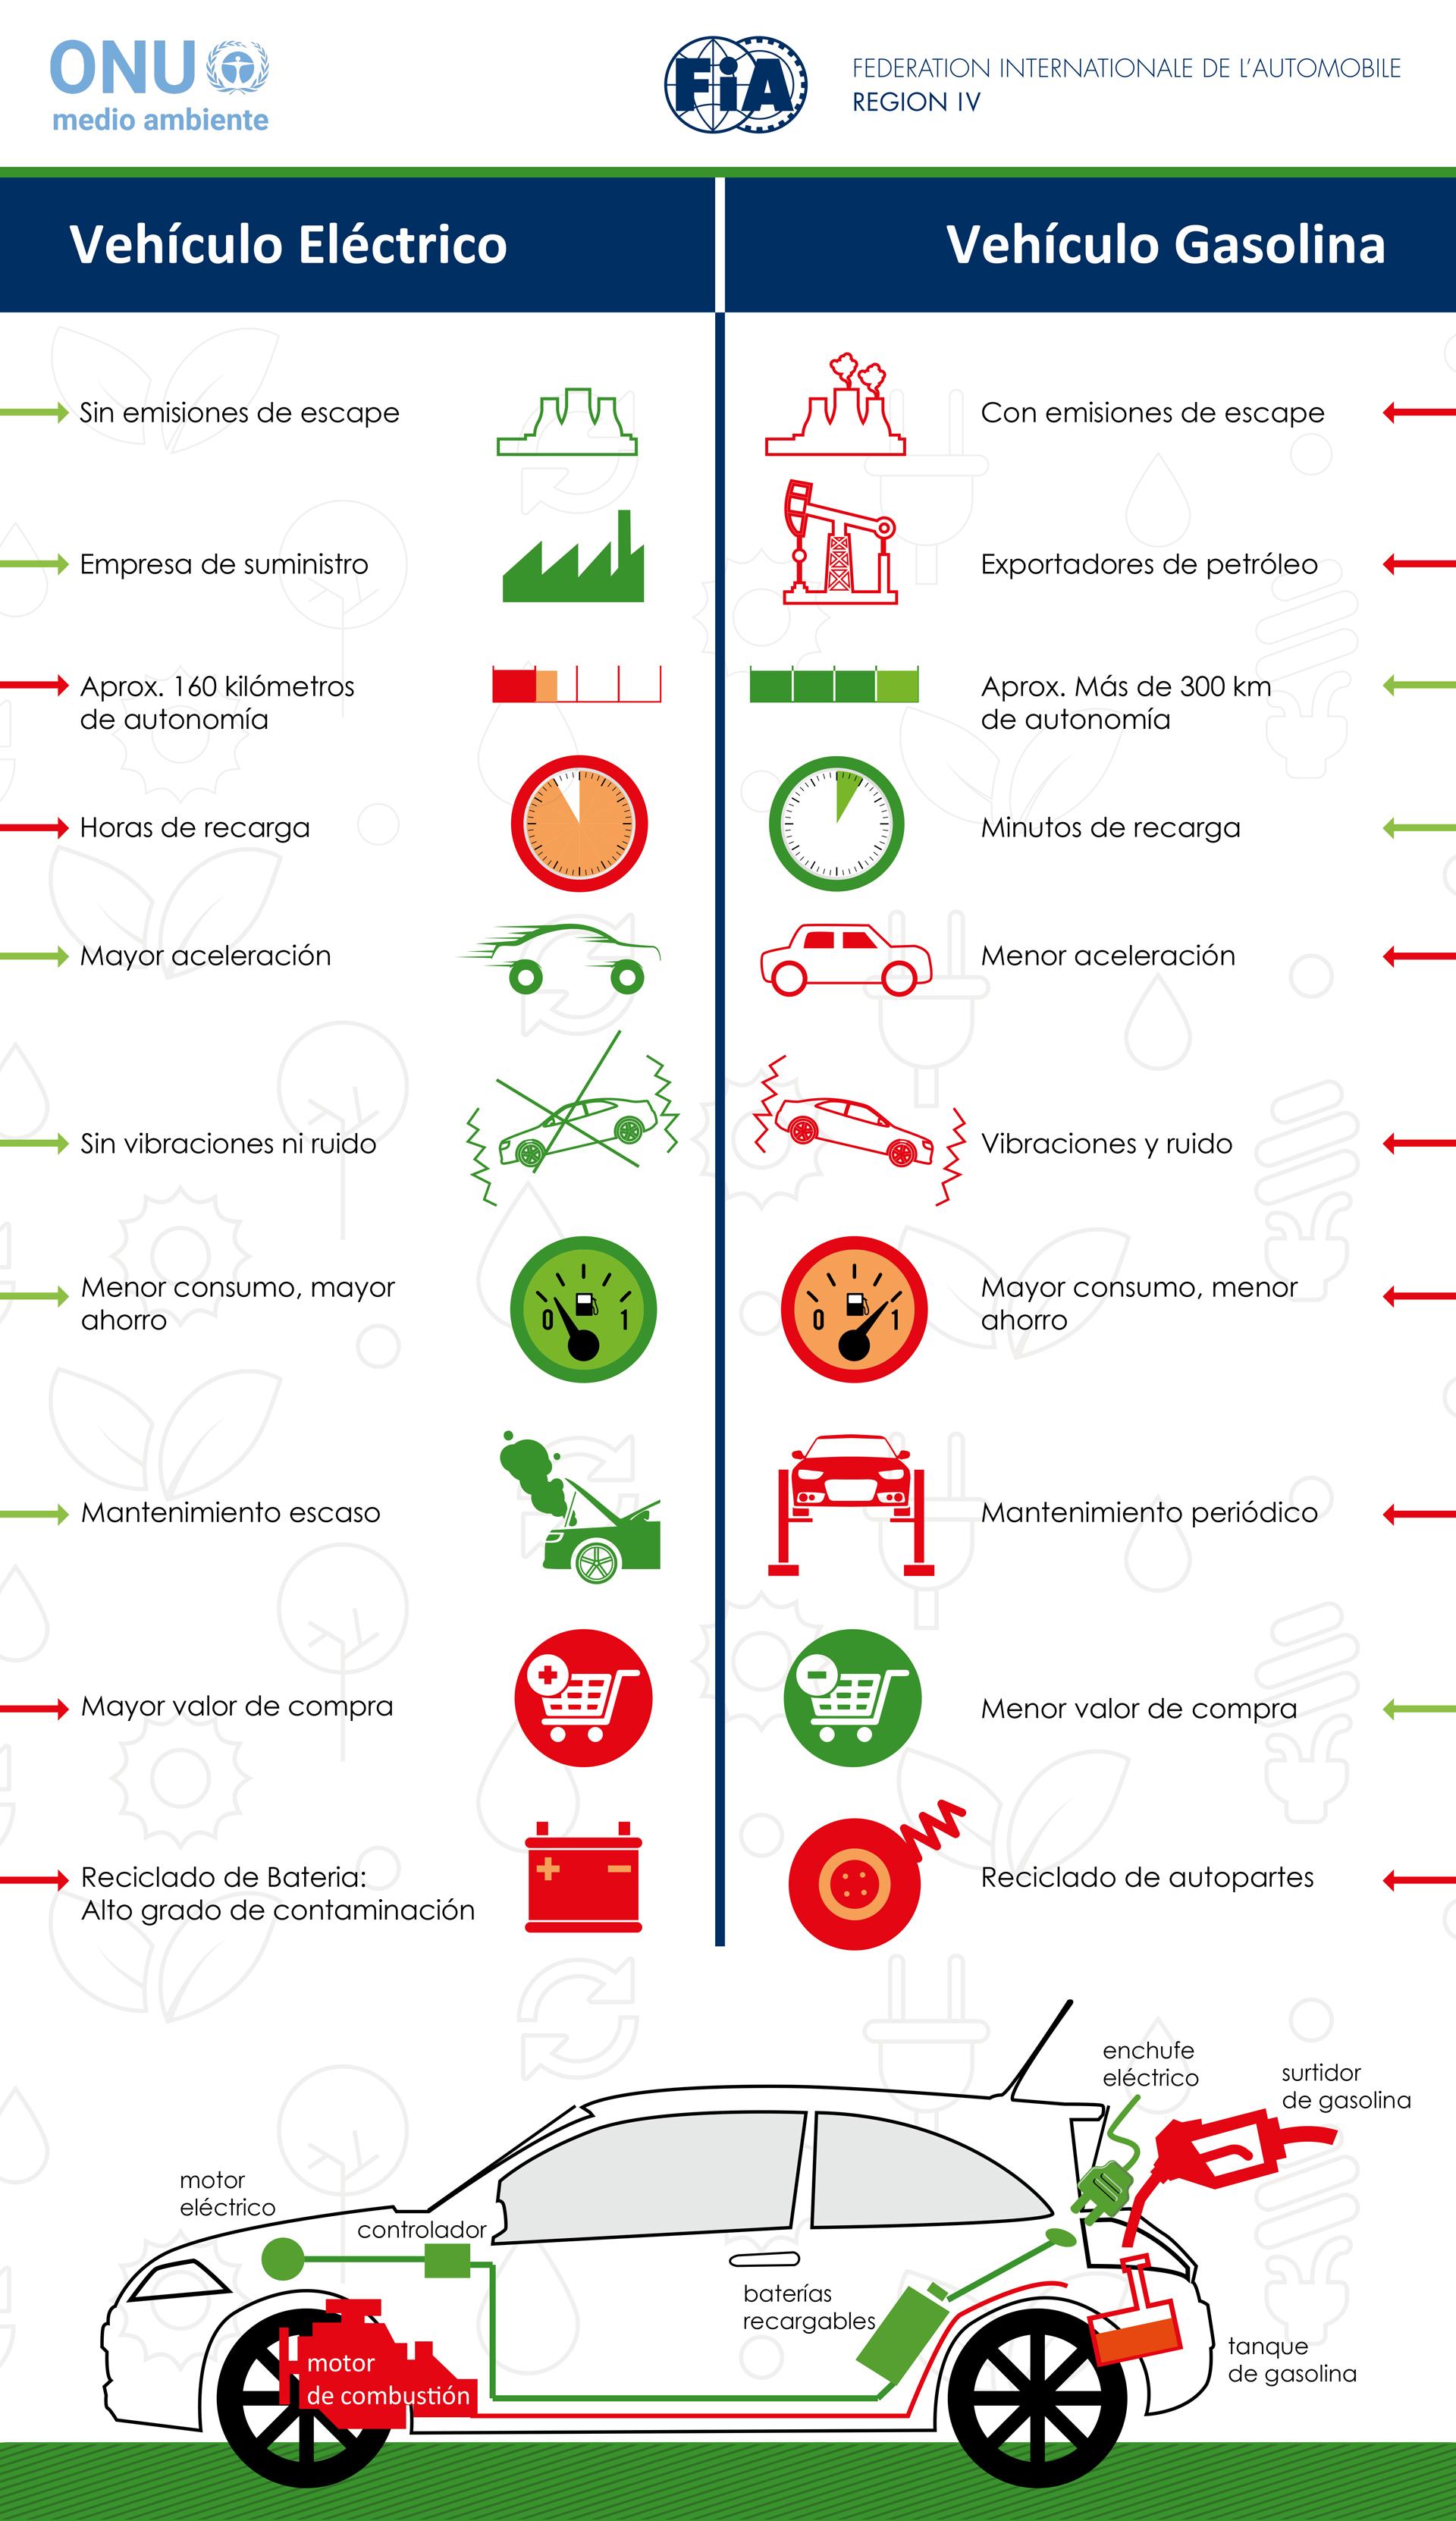 Infografía comparativa entre los vehículos eléctricos y los que funcionan a combustible